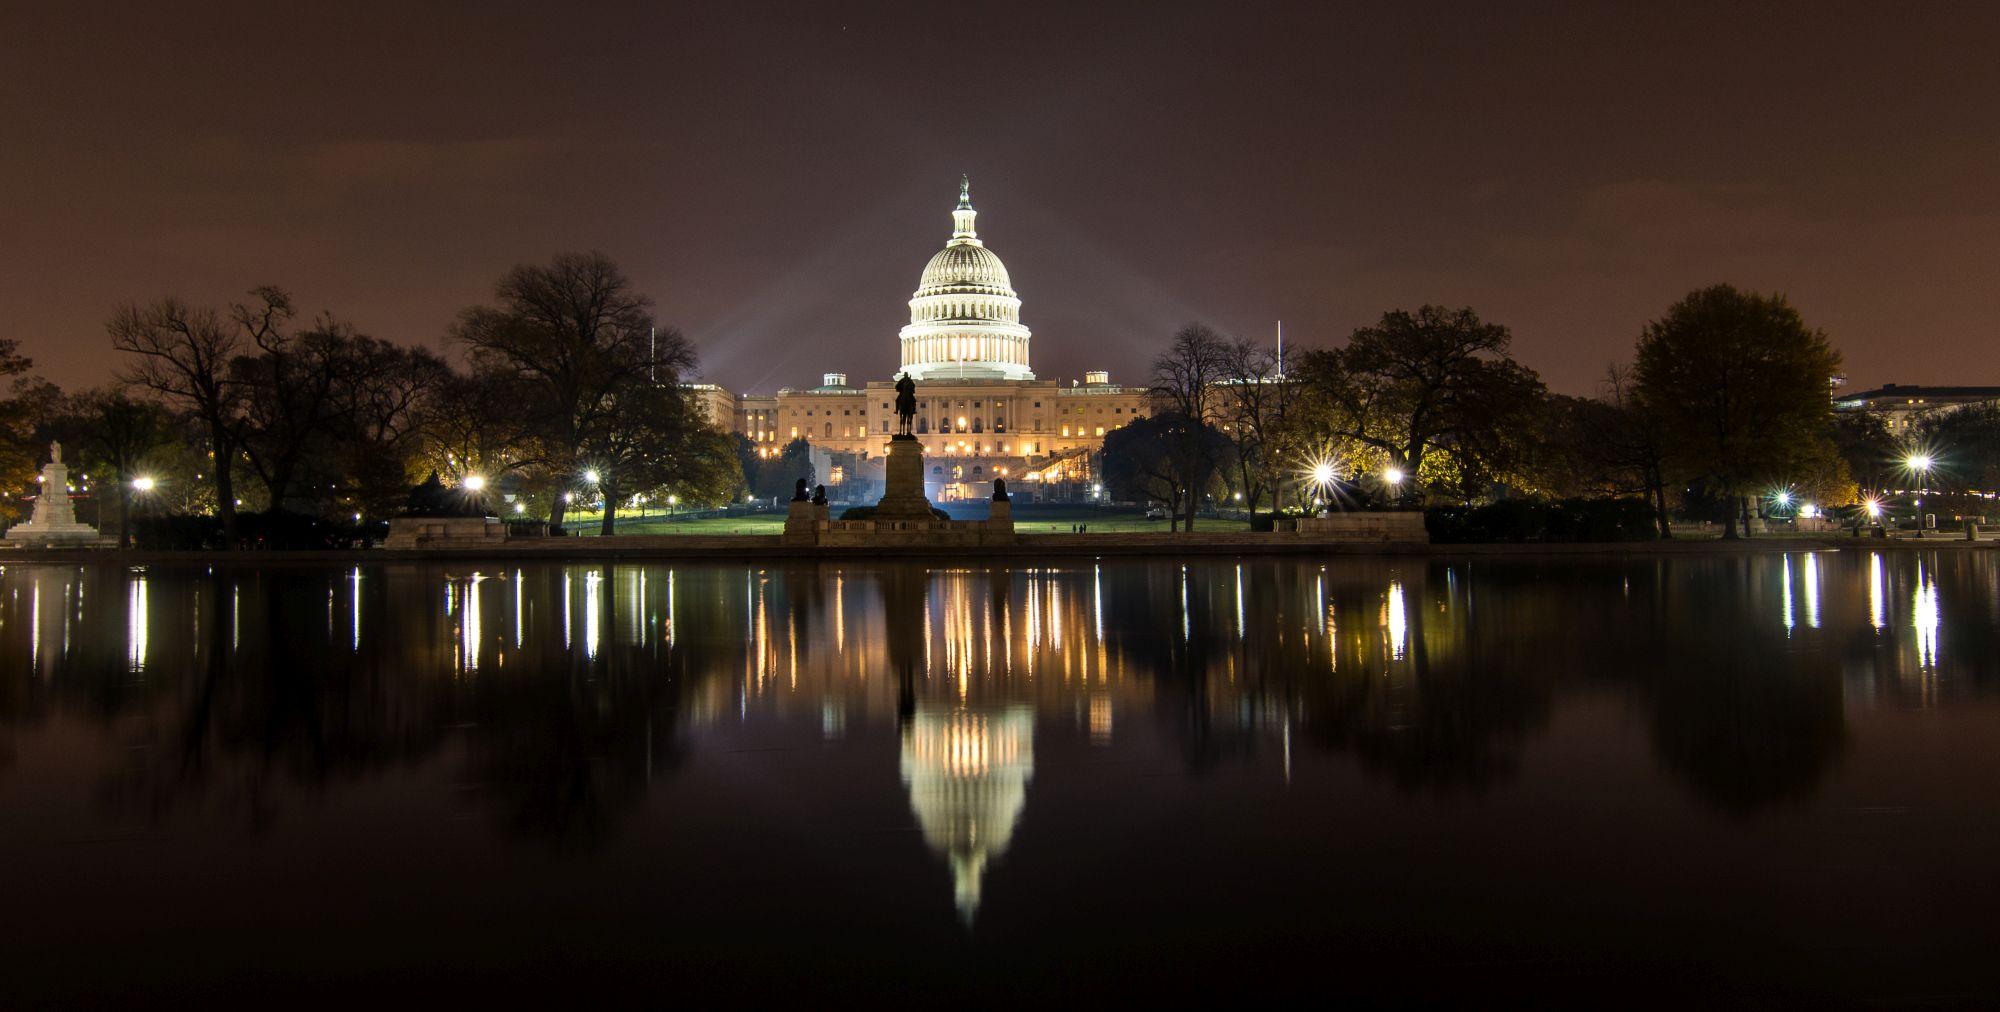 Capitol-1 Faszinierend Schlechtes Sehen Bei Nacht Dekorationen